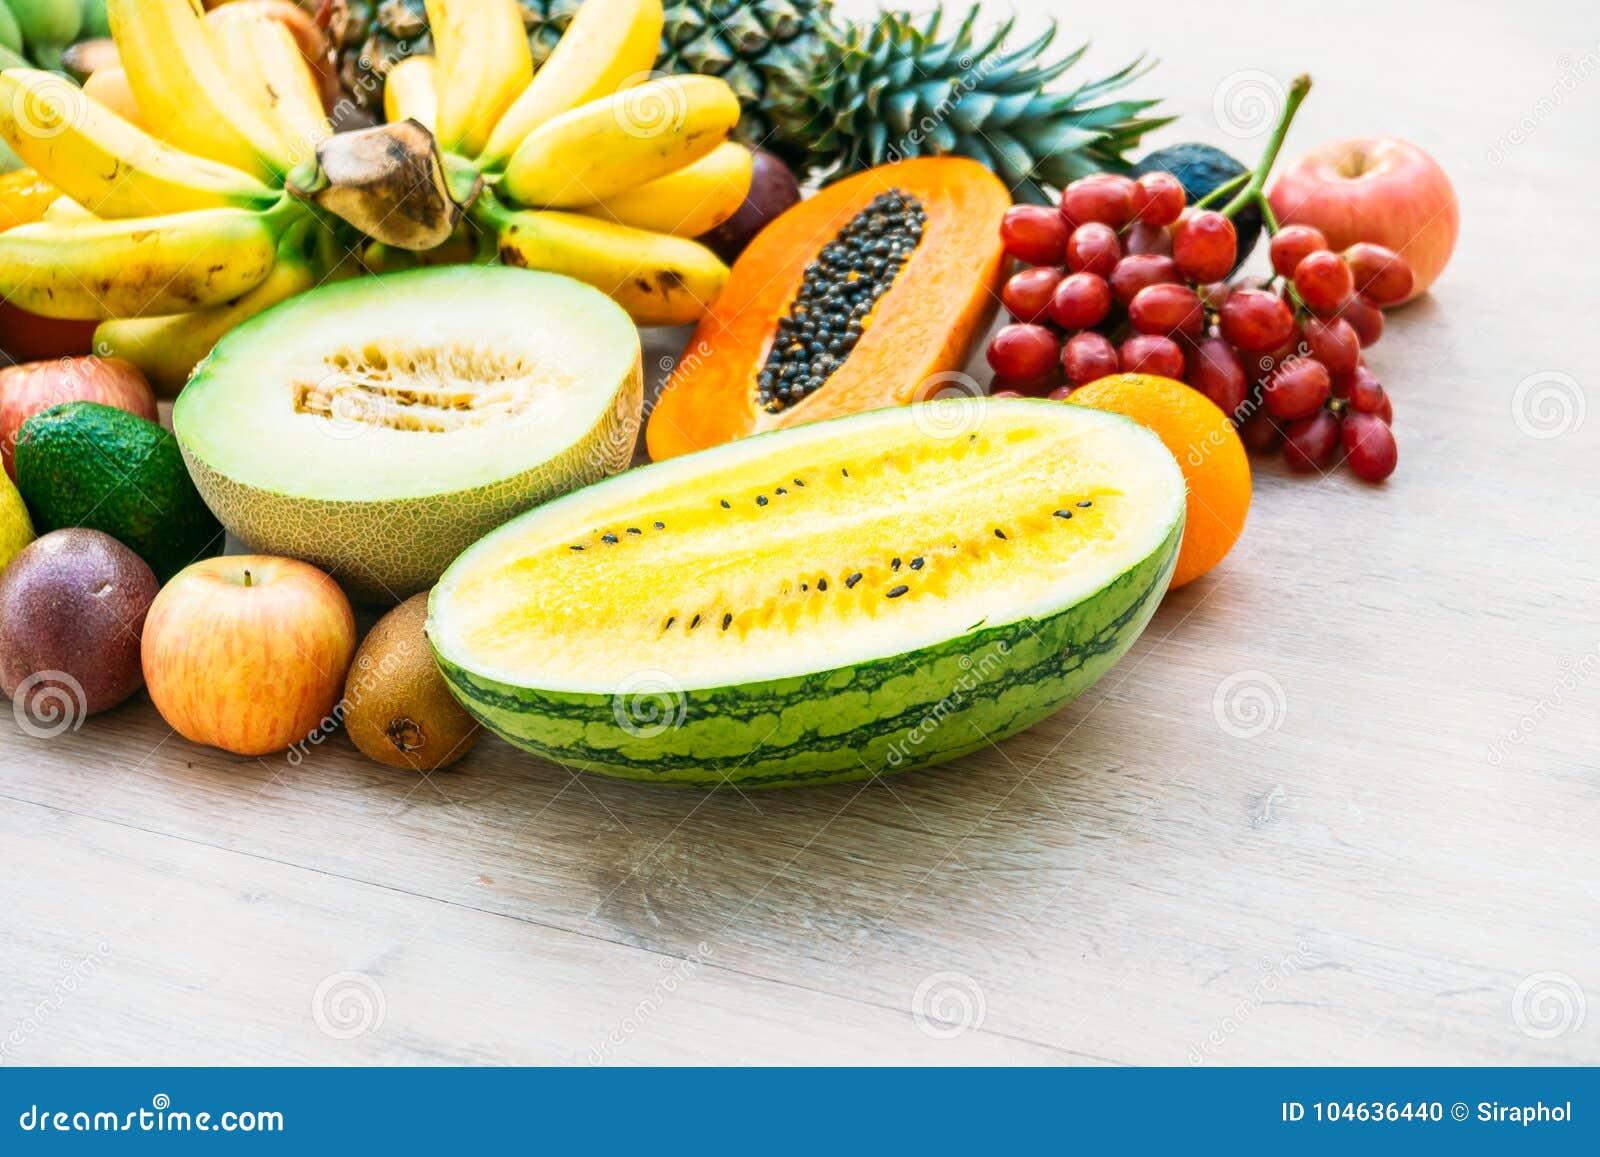 Download Gemengde Vruchten Met De Sinaasappel Van De Appelbanaan En Andere Stock Foto - Afbeelding bestaande uit lijst, landbouwbedrijf: 104636440